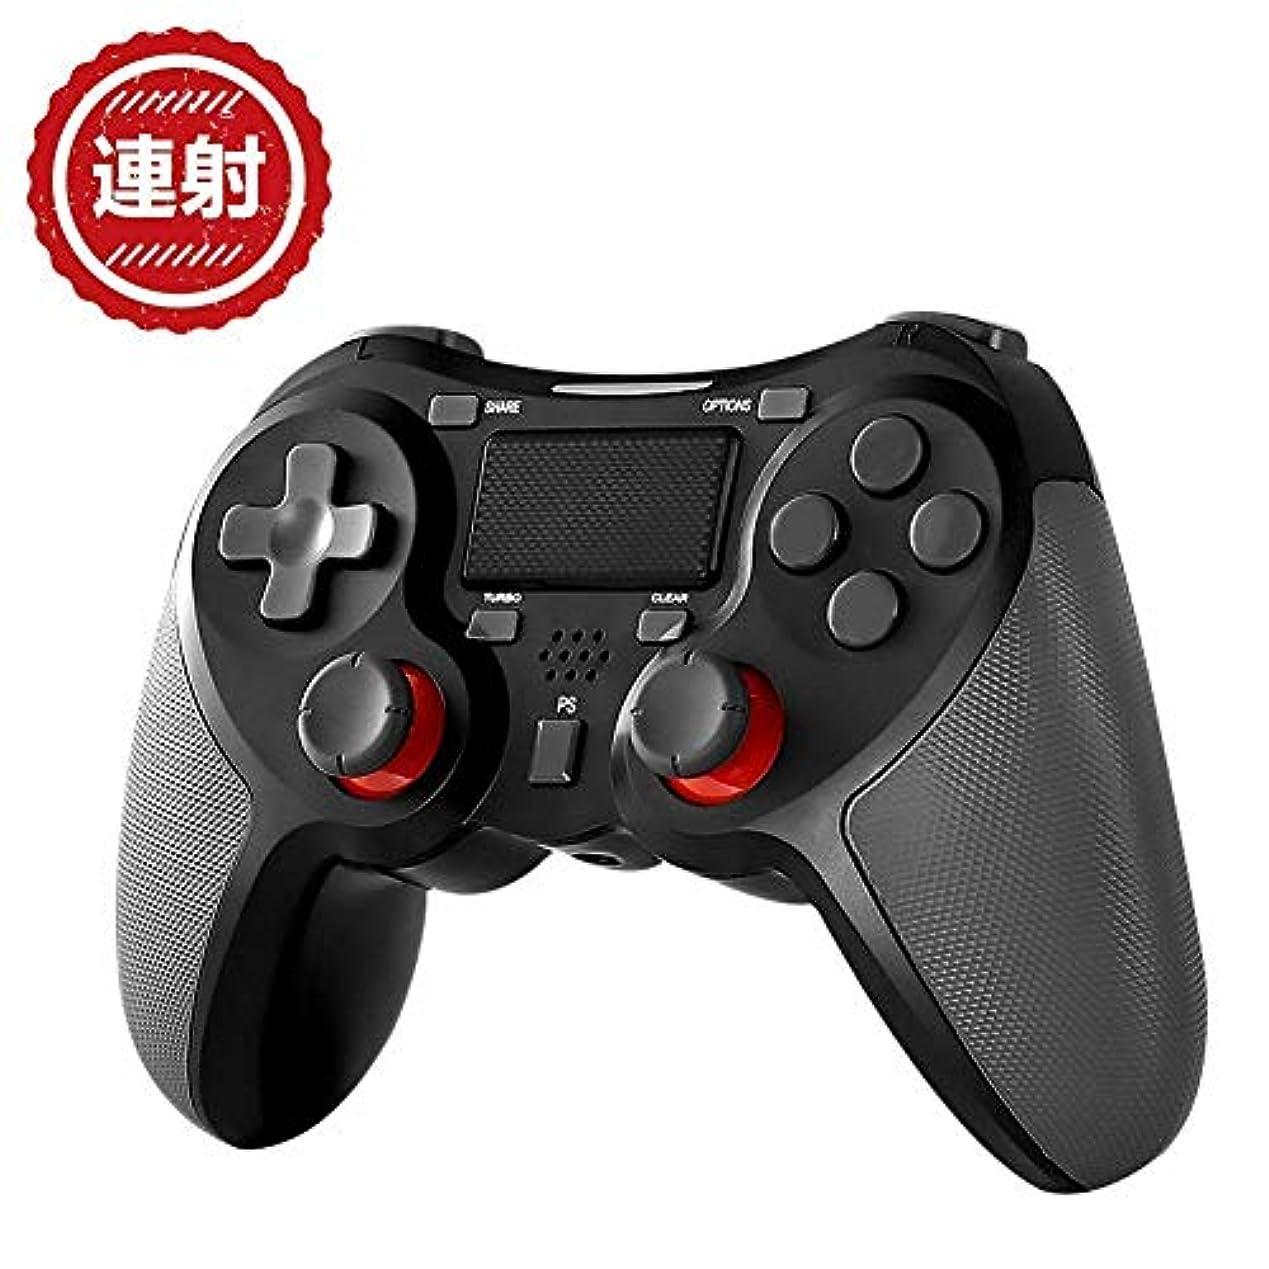 ブラウズ病な溶接PS4 コントローラー 連射 ワイヤレス Blitzl PS4 fpsコントローラー PS4 Pro/Slim PC対応 無線 USB Bluetooth 接続